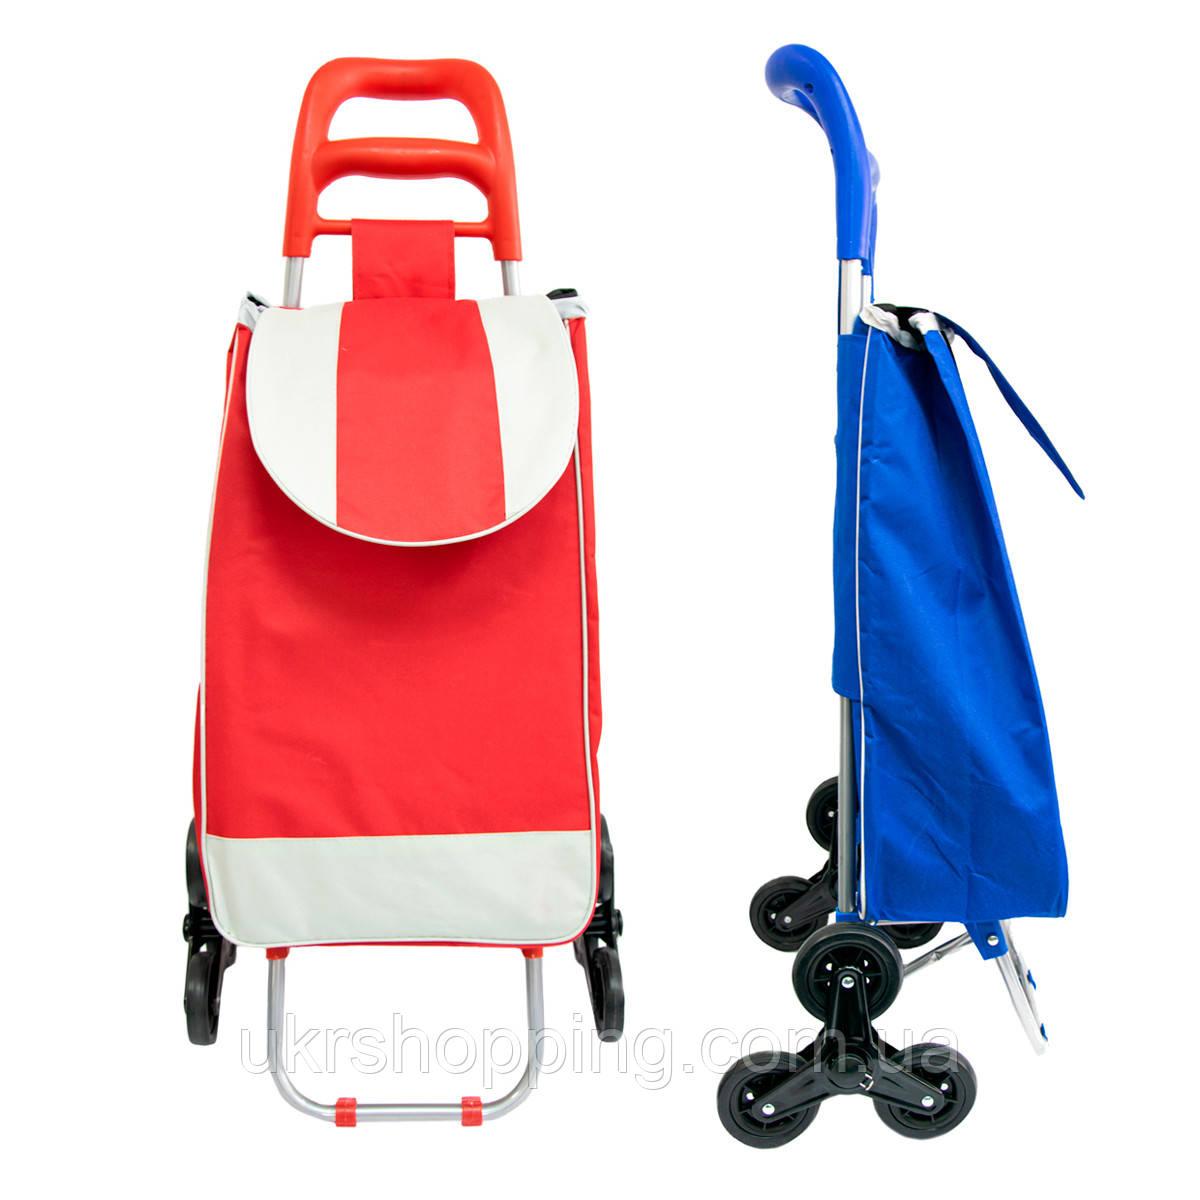 """Хозяйственная сумка на колесах """"Stenson MH-2786"""", сумка тележка с тройным колесом 95х44 см (Красная) (SH)"""